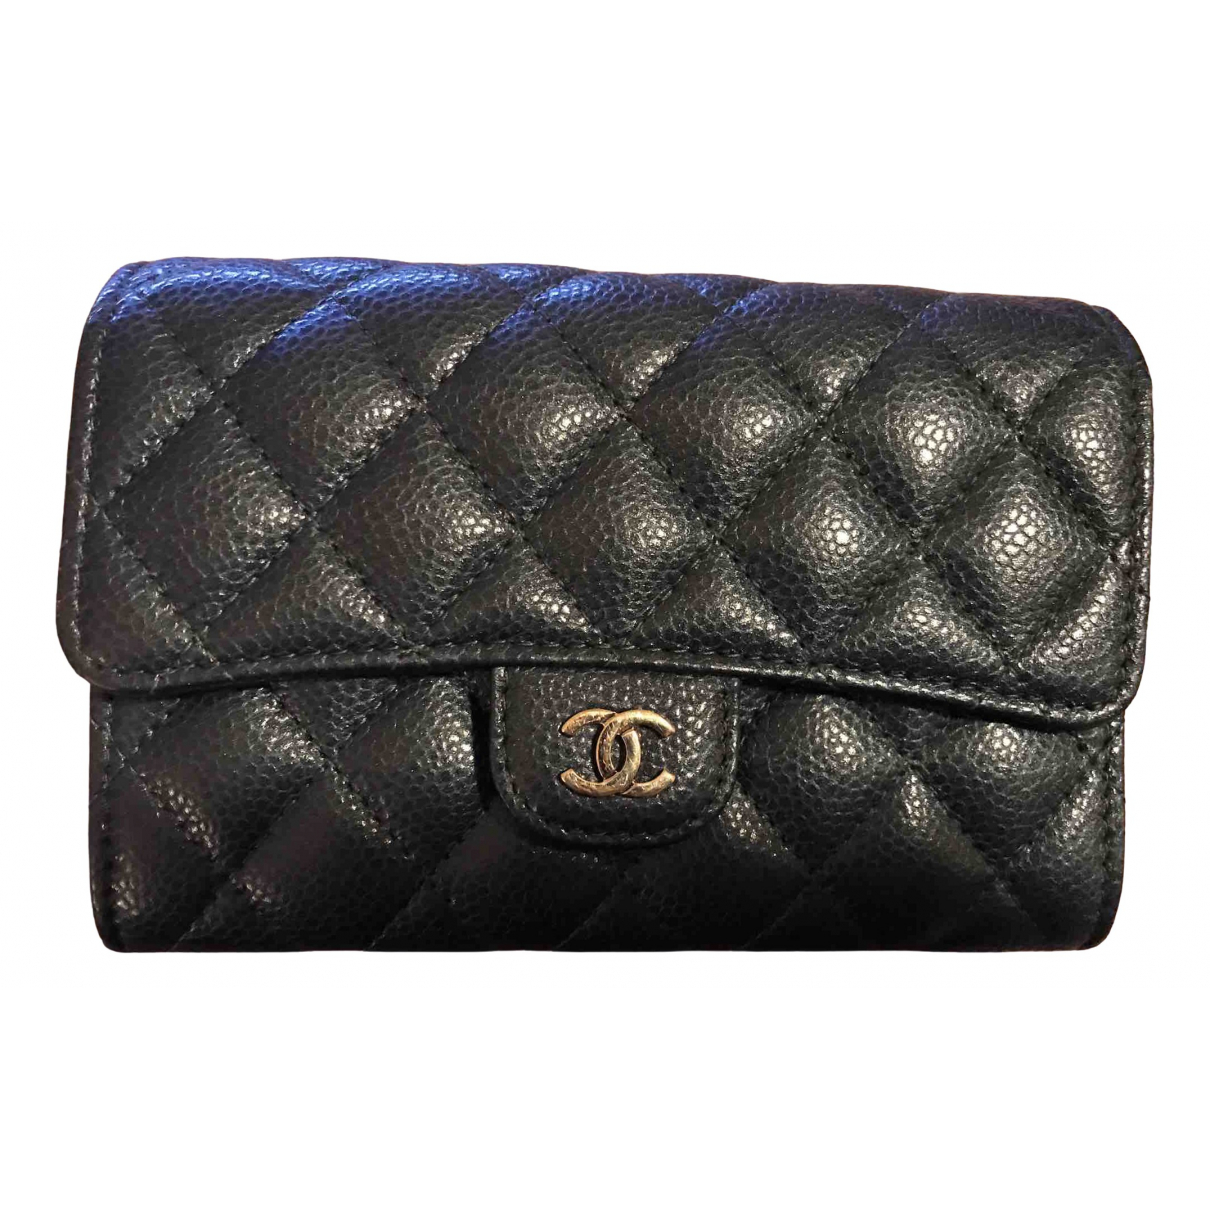 Chanel Timeless/Classique Portemonnaie in  Blau Leder